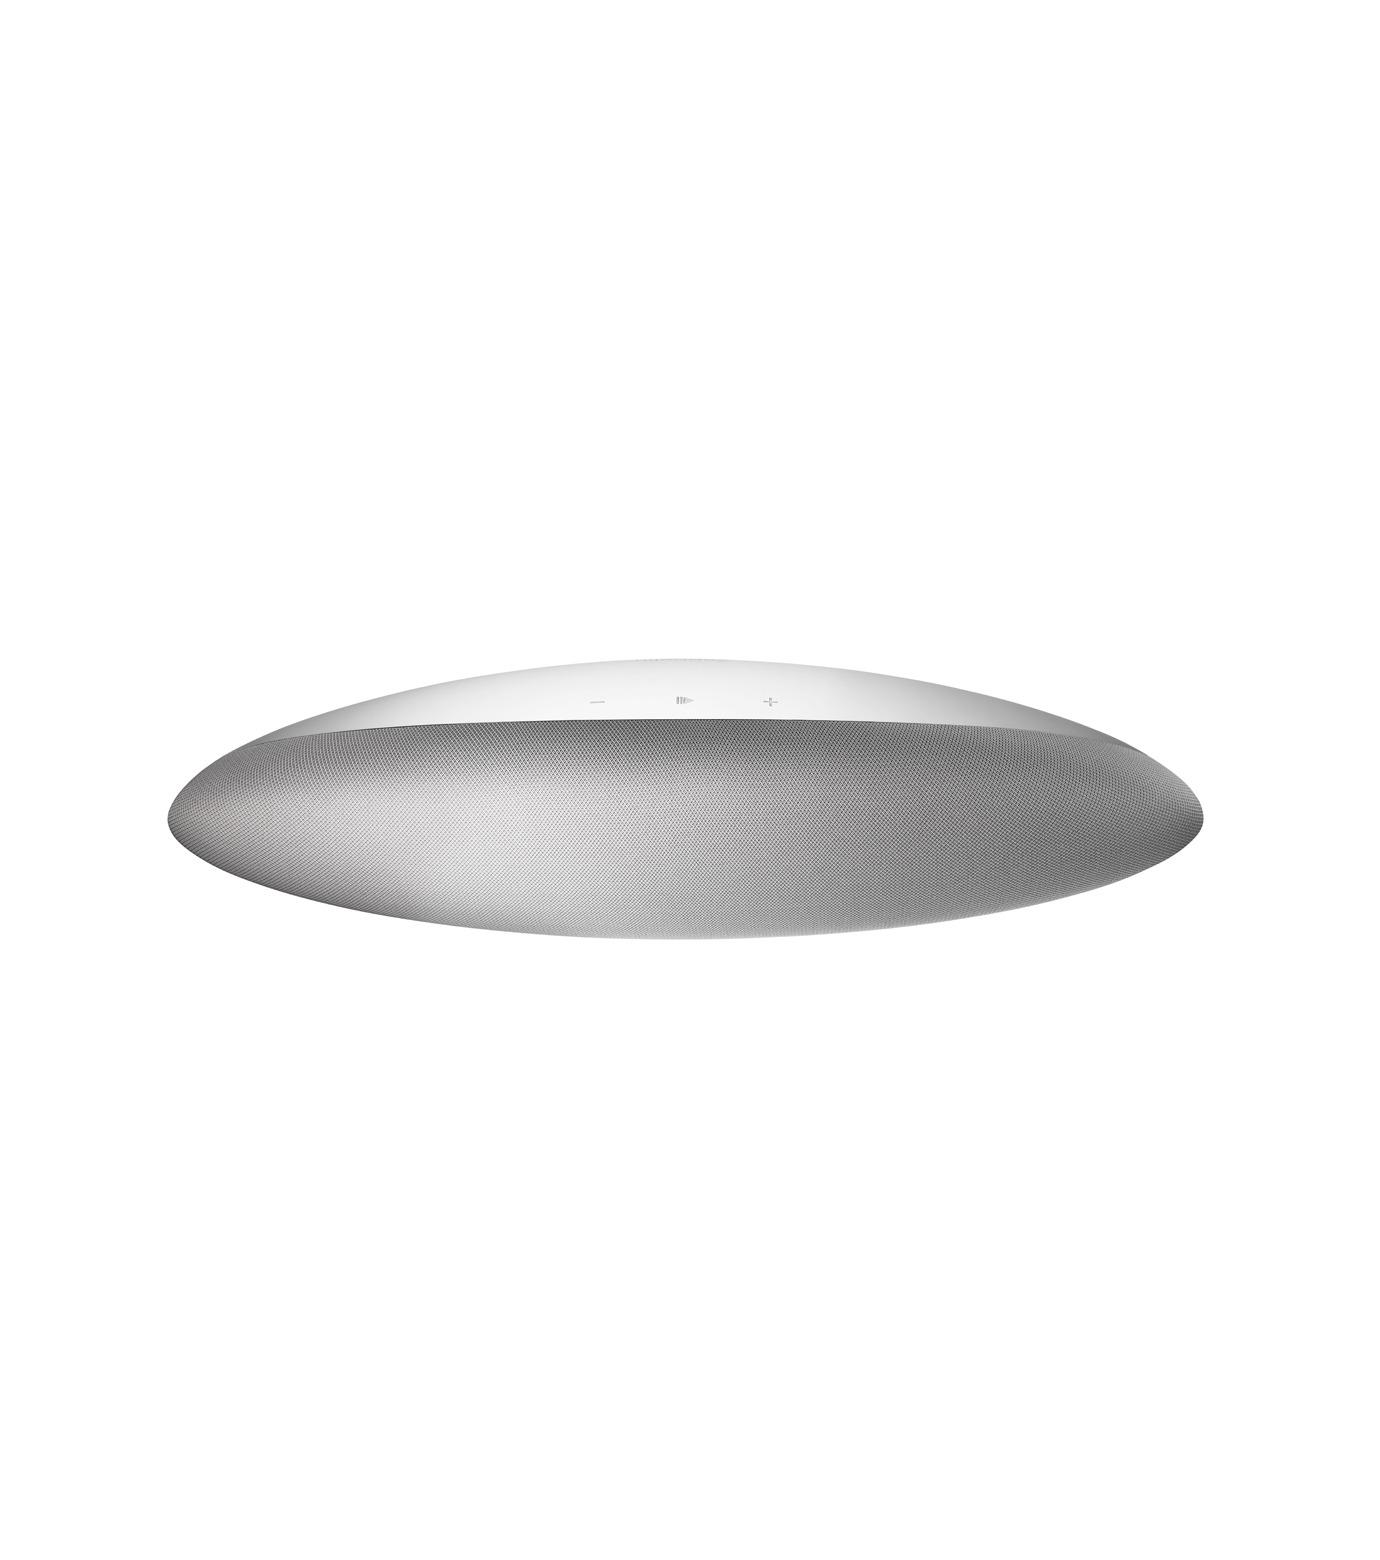 Bowers&Wilkins()のzeppelin wireless WHITE-WHITE(スピーカー/speaker)-BW-zeppelin-4-4 拡大詳細画像2